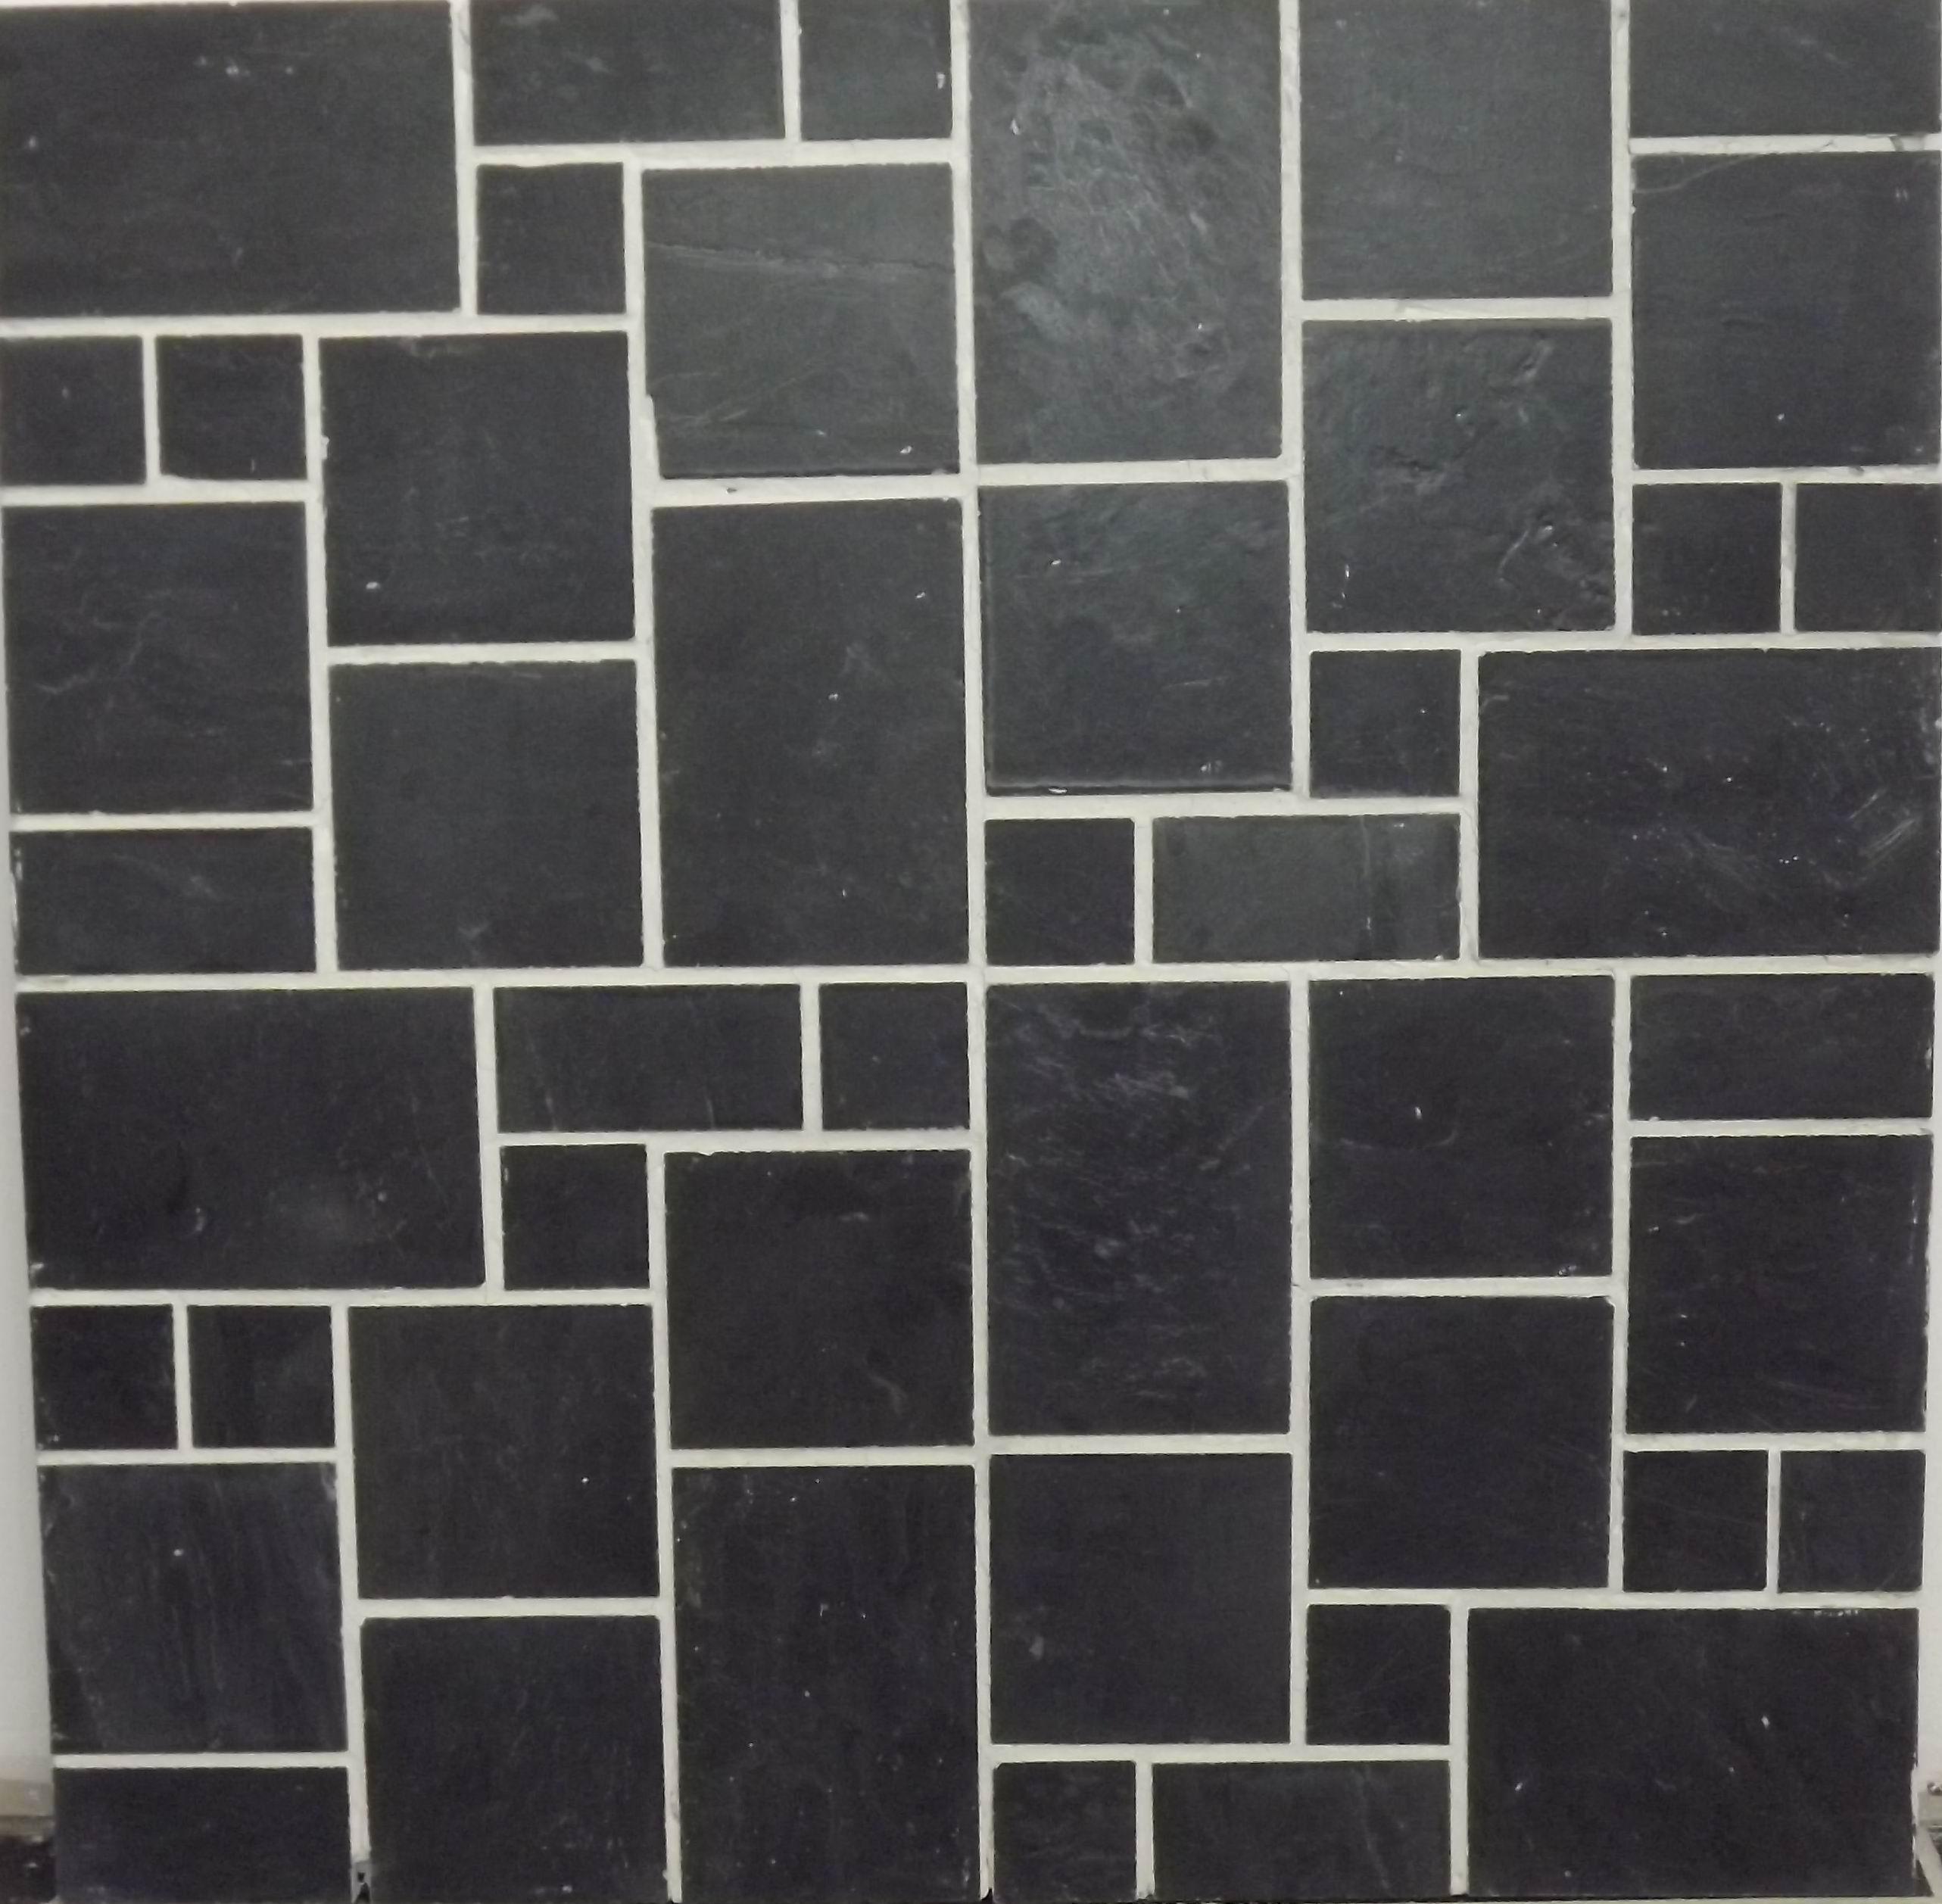 分享到: 四川优质青石亚光面马赛克出售详细介绍 石灰石